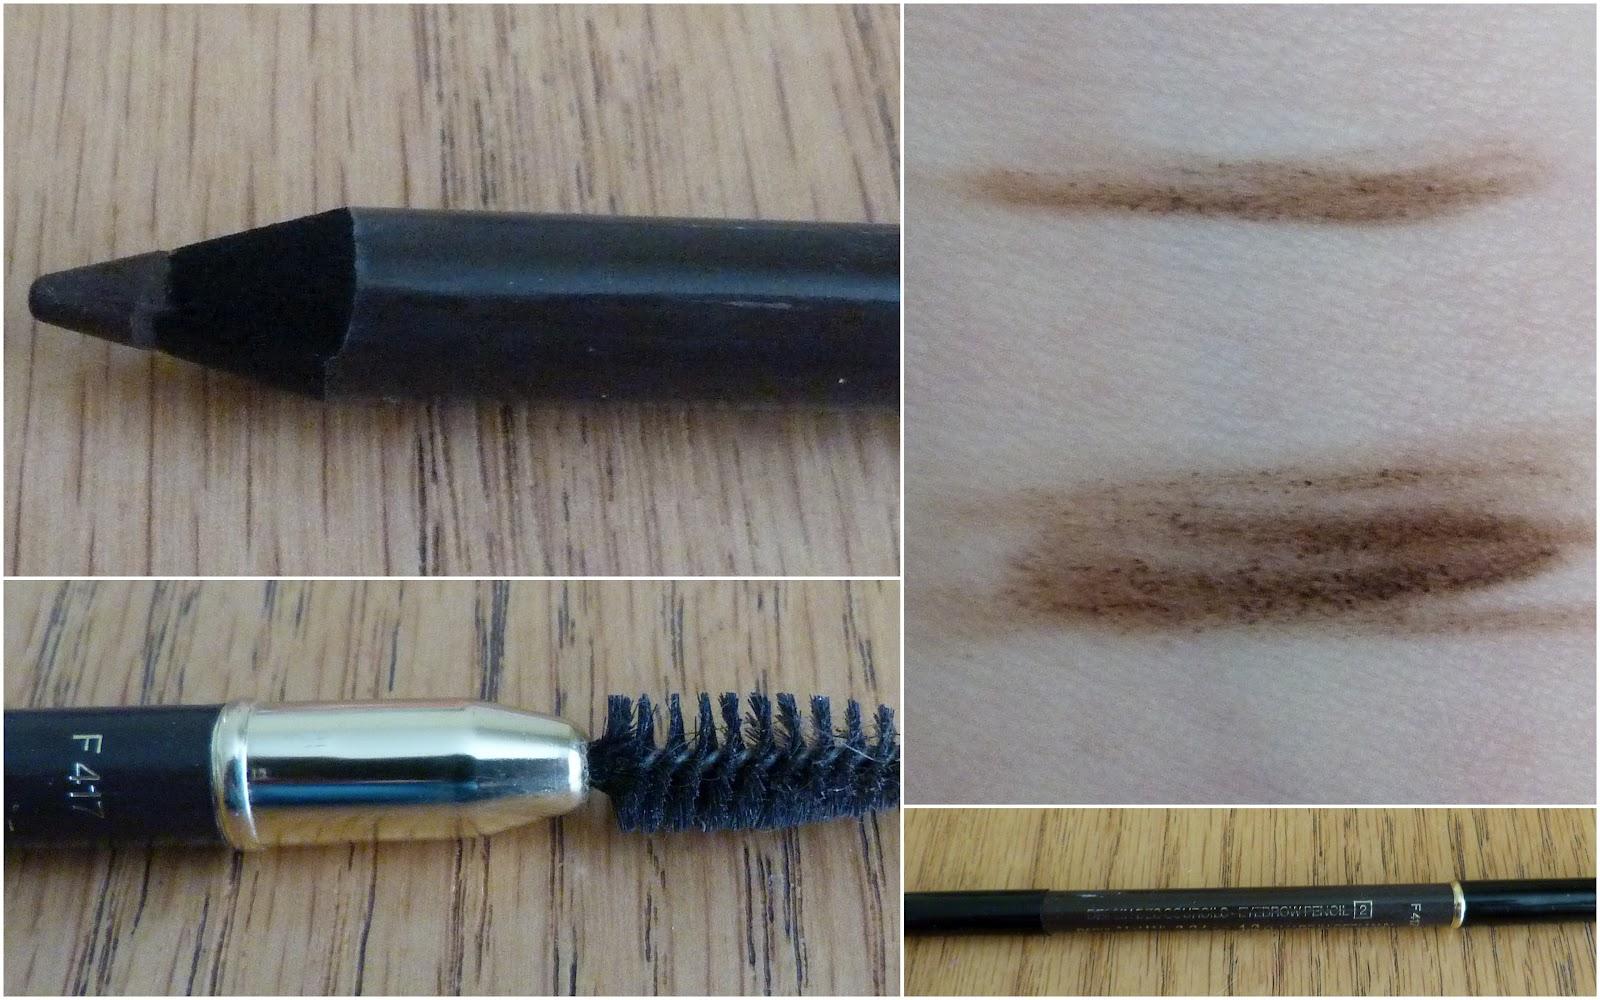 Ysl Dessin Des Sourcils Eyebrow Pencil Review Lovely Girlie Bits